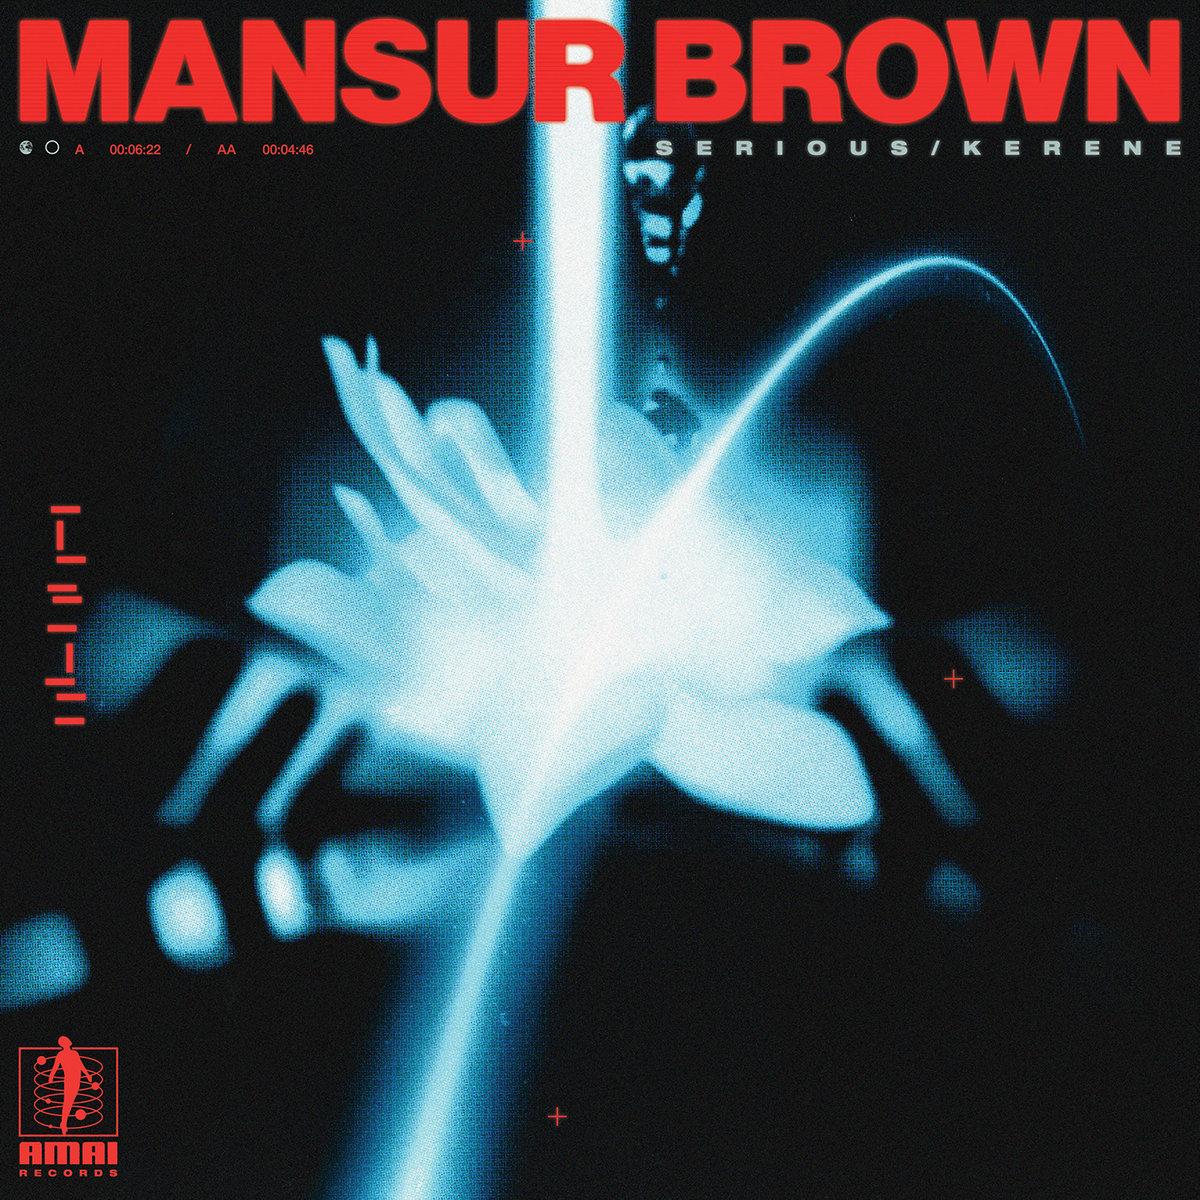 Mansur Brown |Serious / Kerene